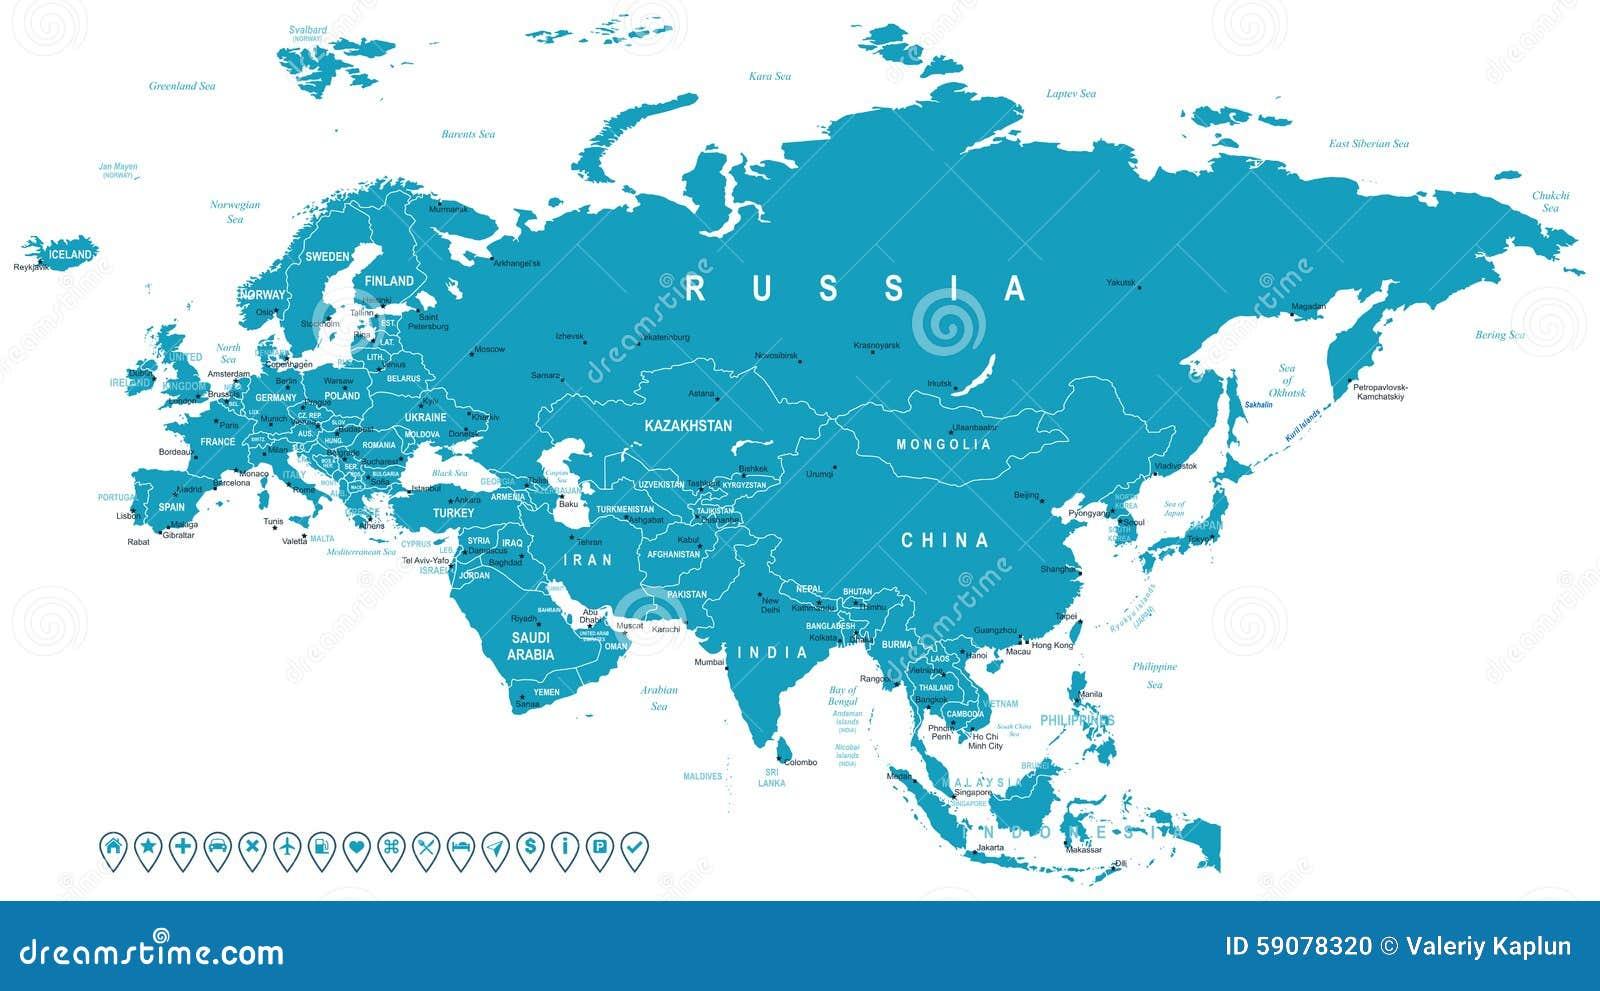 land based empires in eurasia